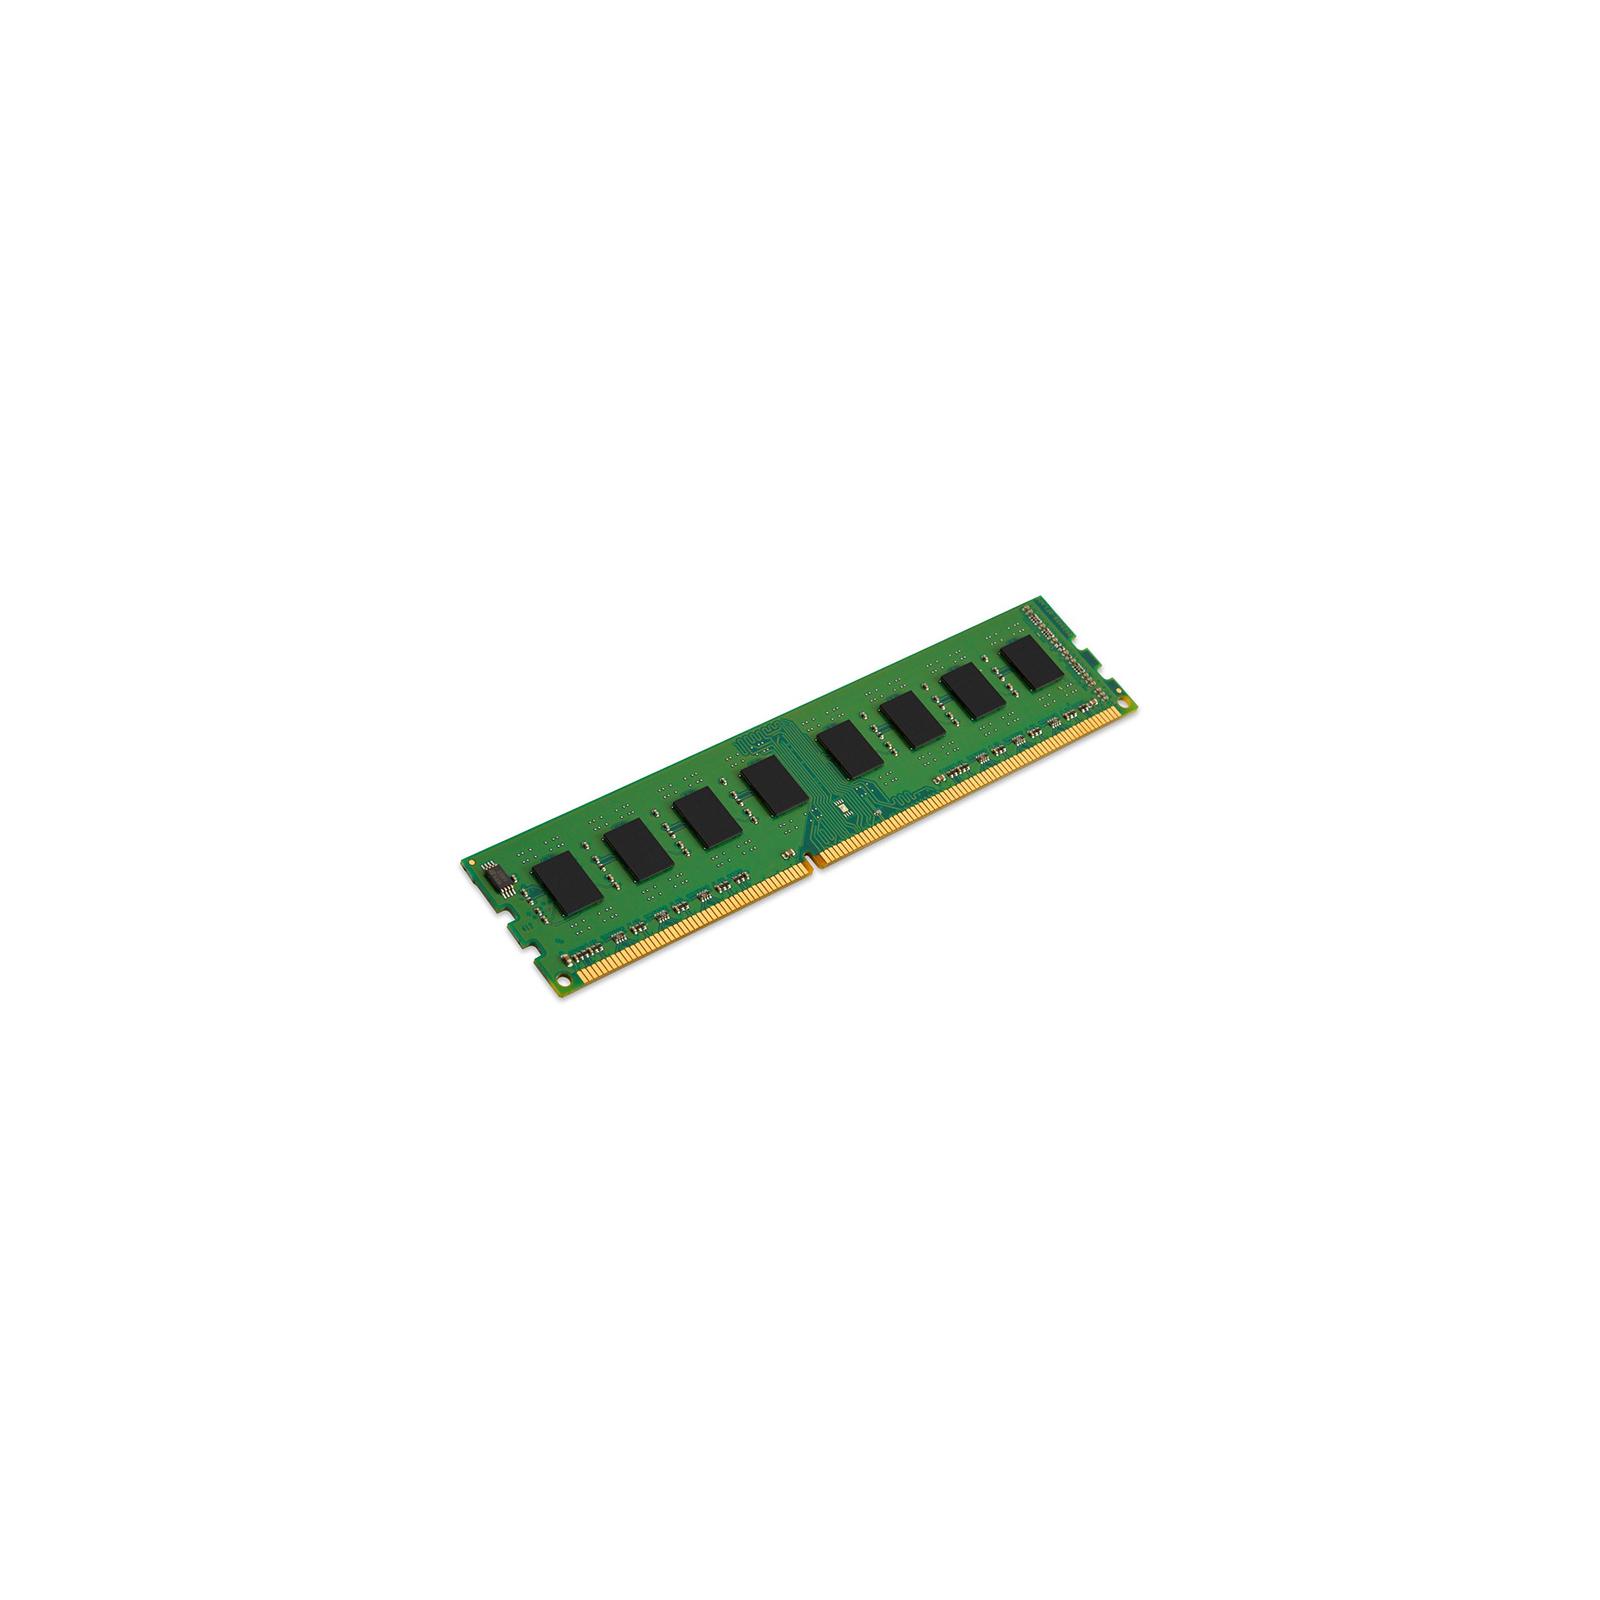 Модуль памяти для компьютера DDR3 4GB 1600 MHz Kingston (KTL-TC316S/4G)